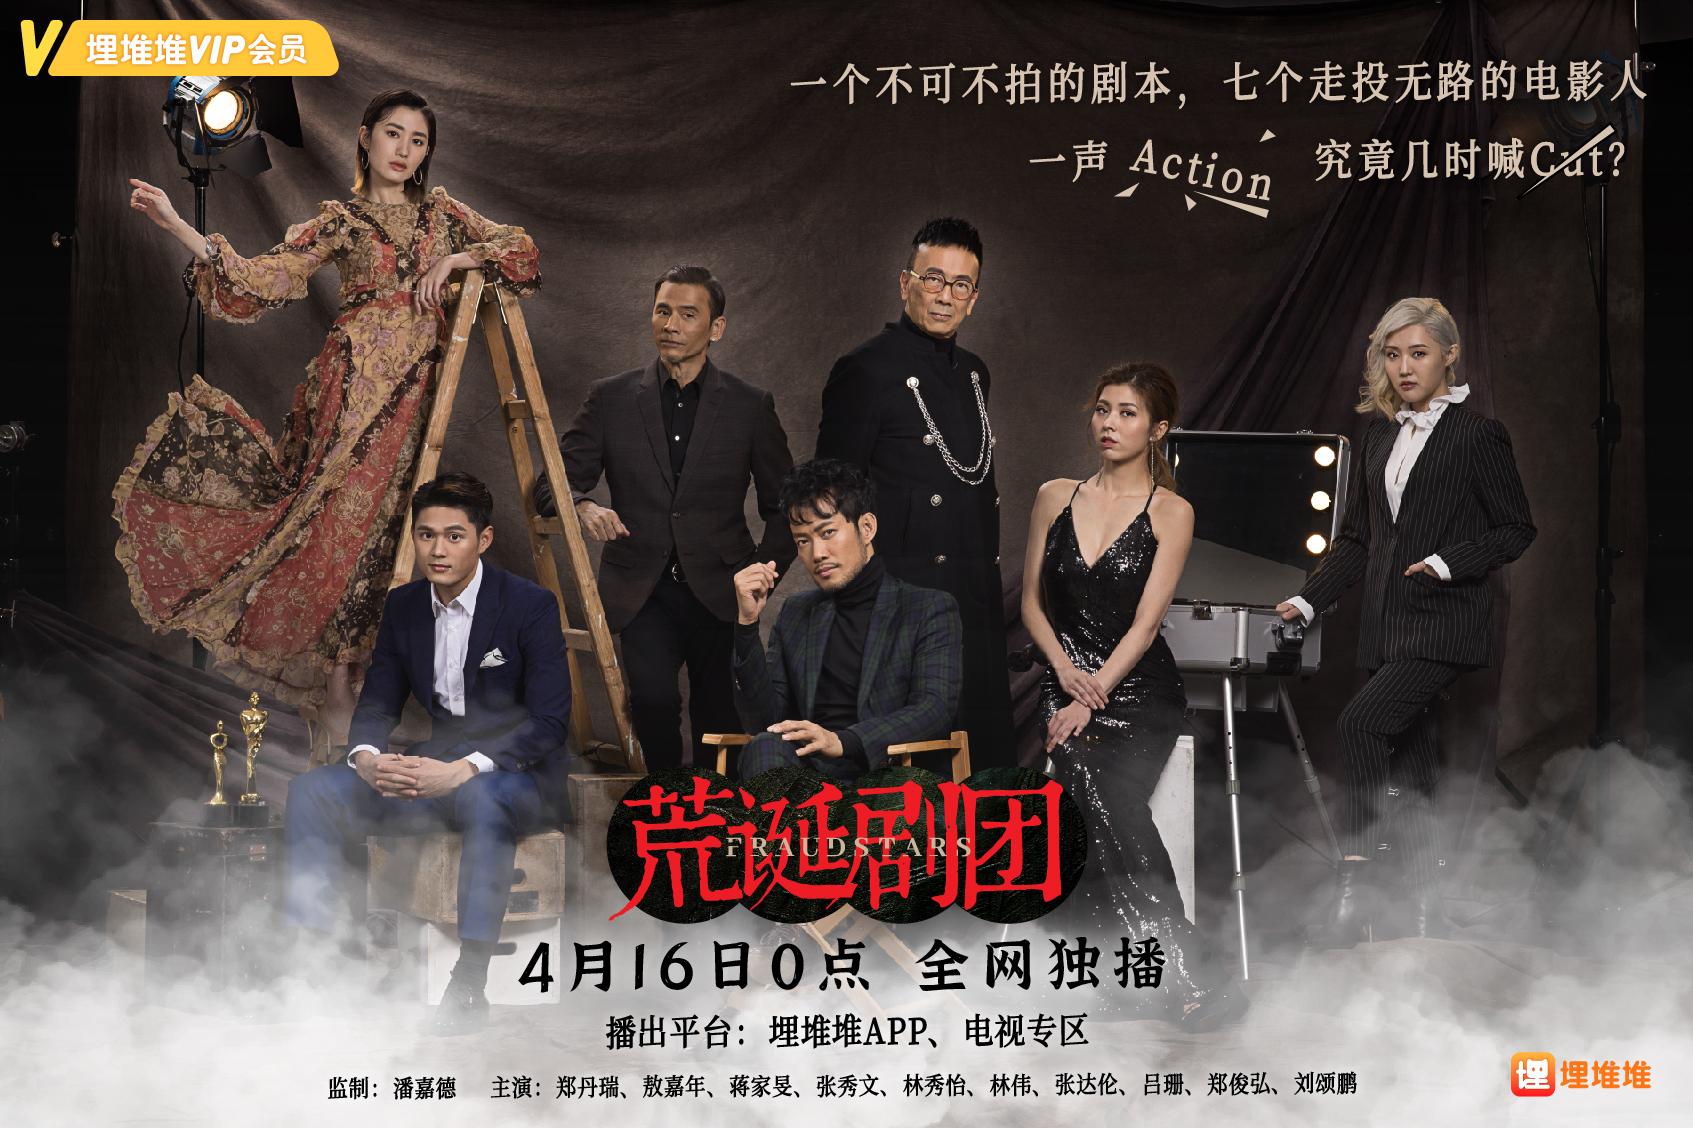 《荒诞剧团》点映会圆满收官,TVB另类新剧广受好评